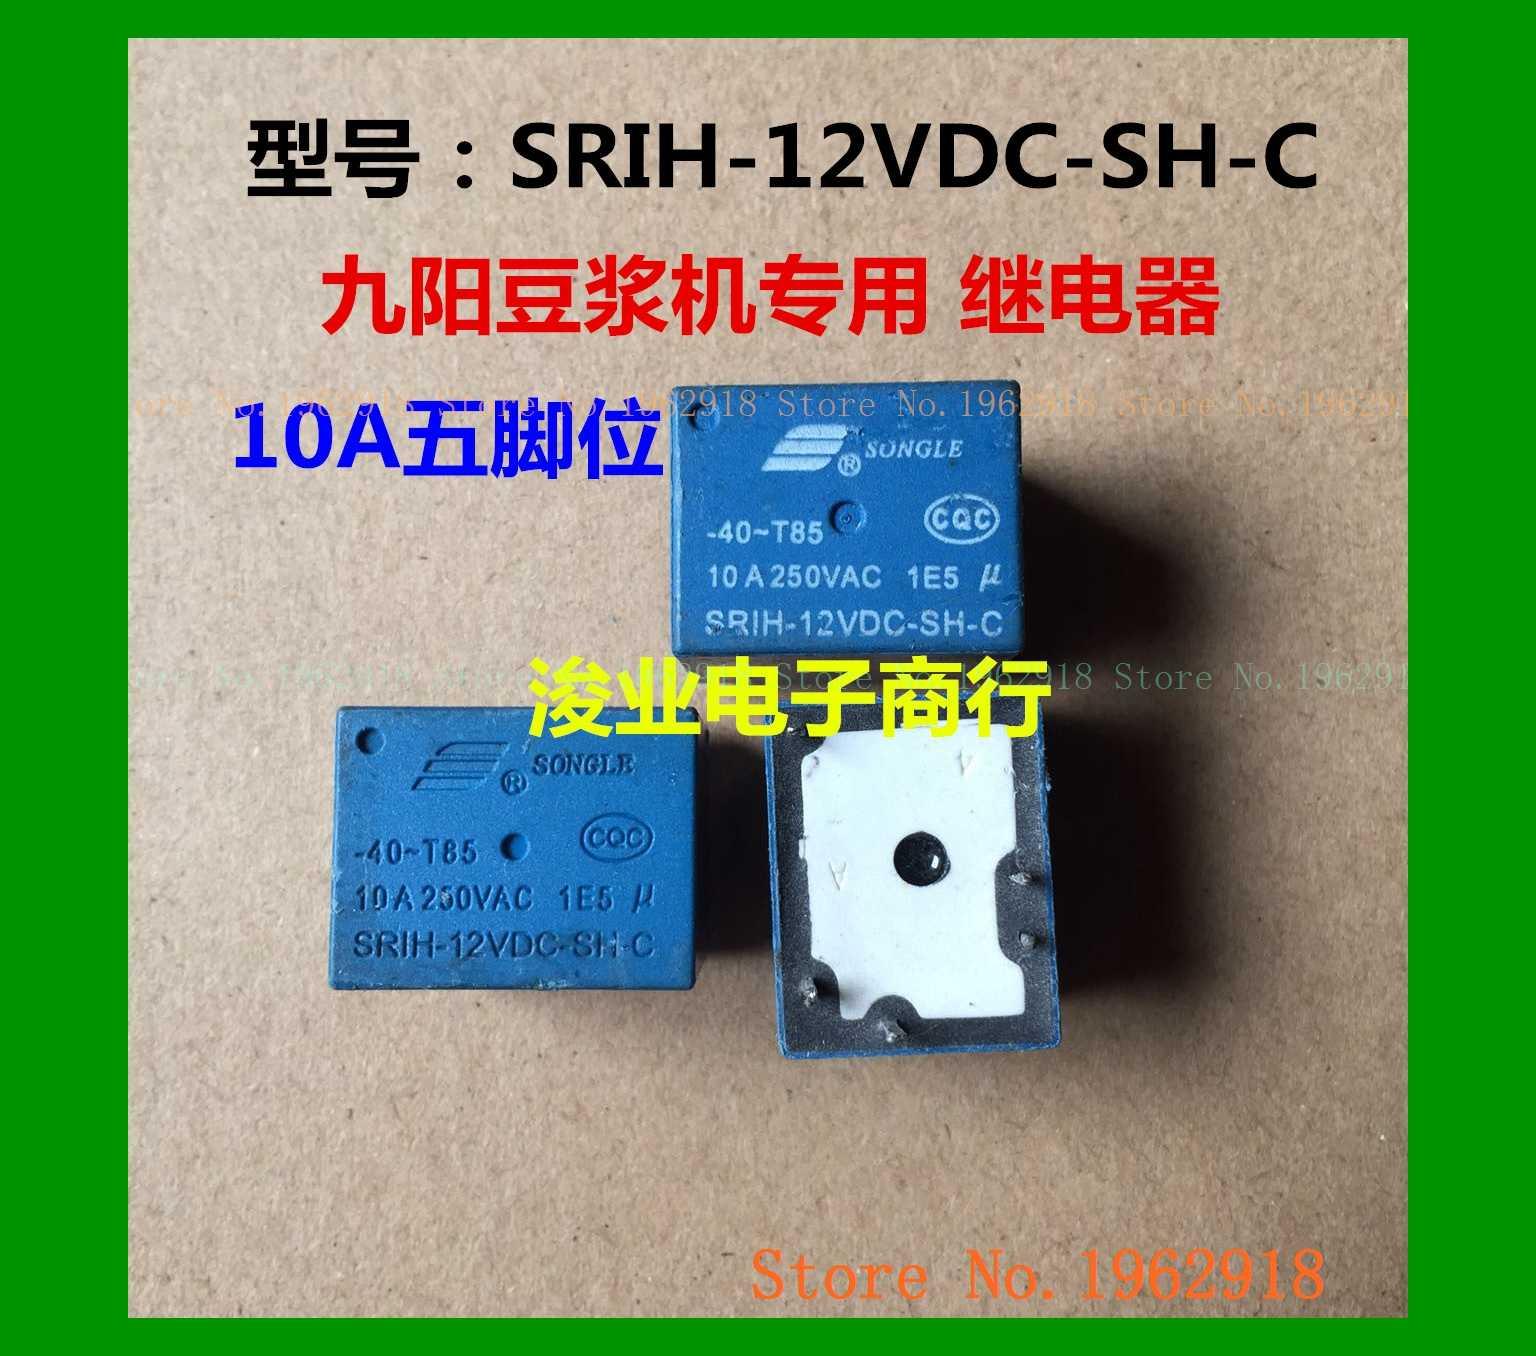 SRIH-12VDC-SH-C 5 12V Die alten